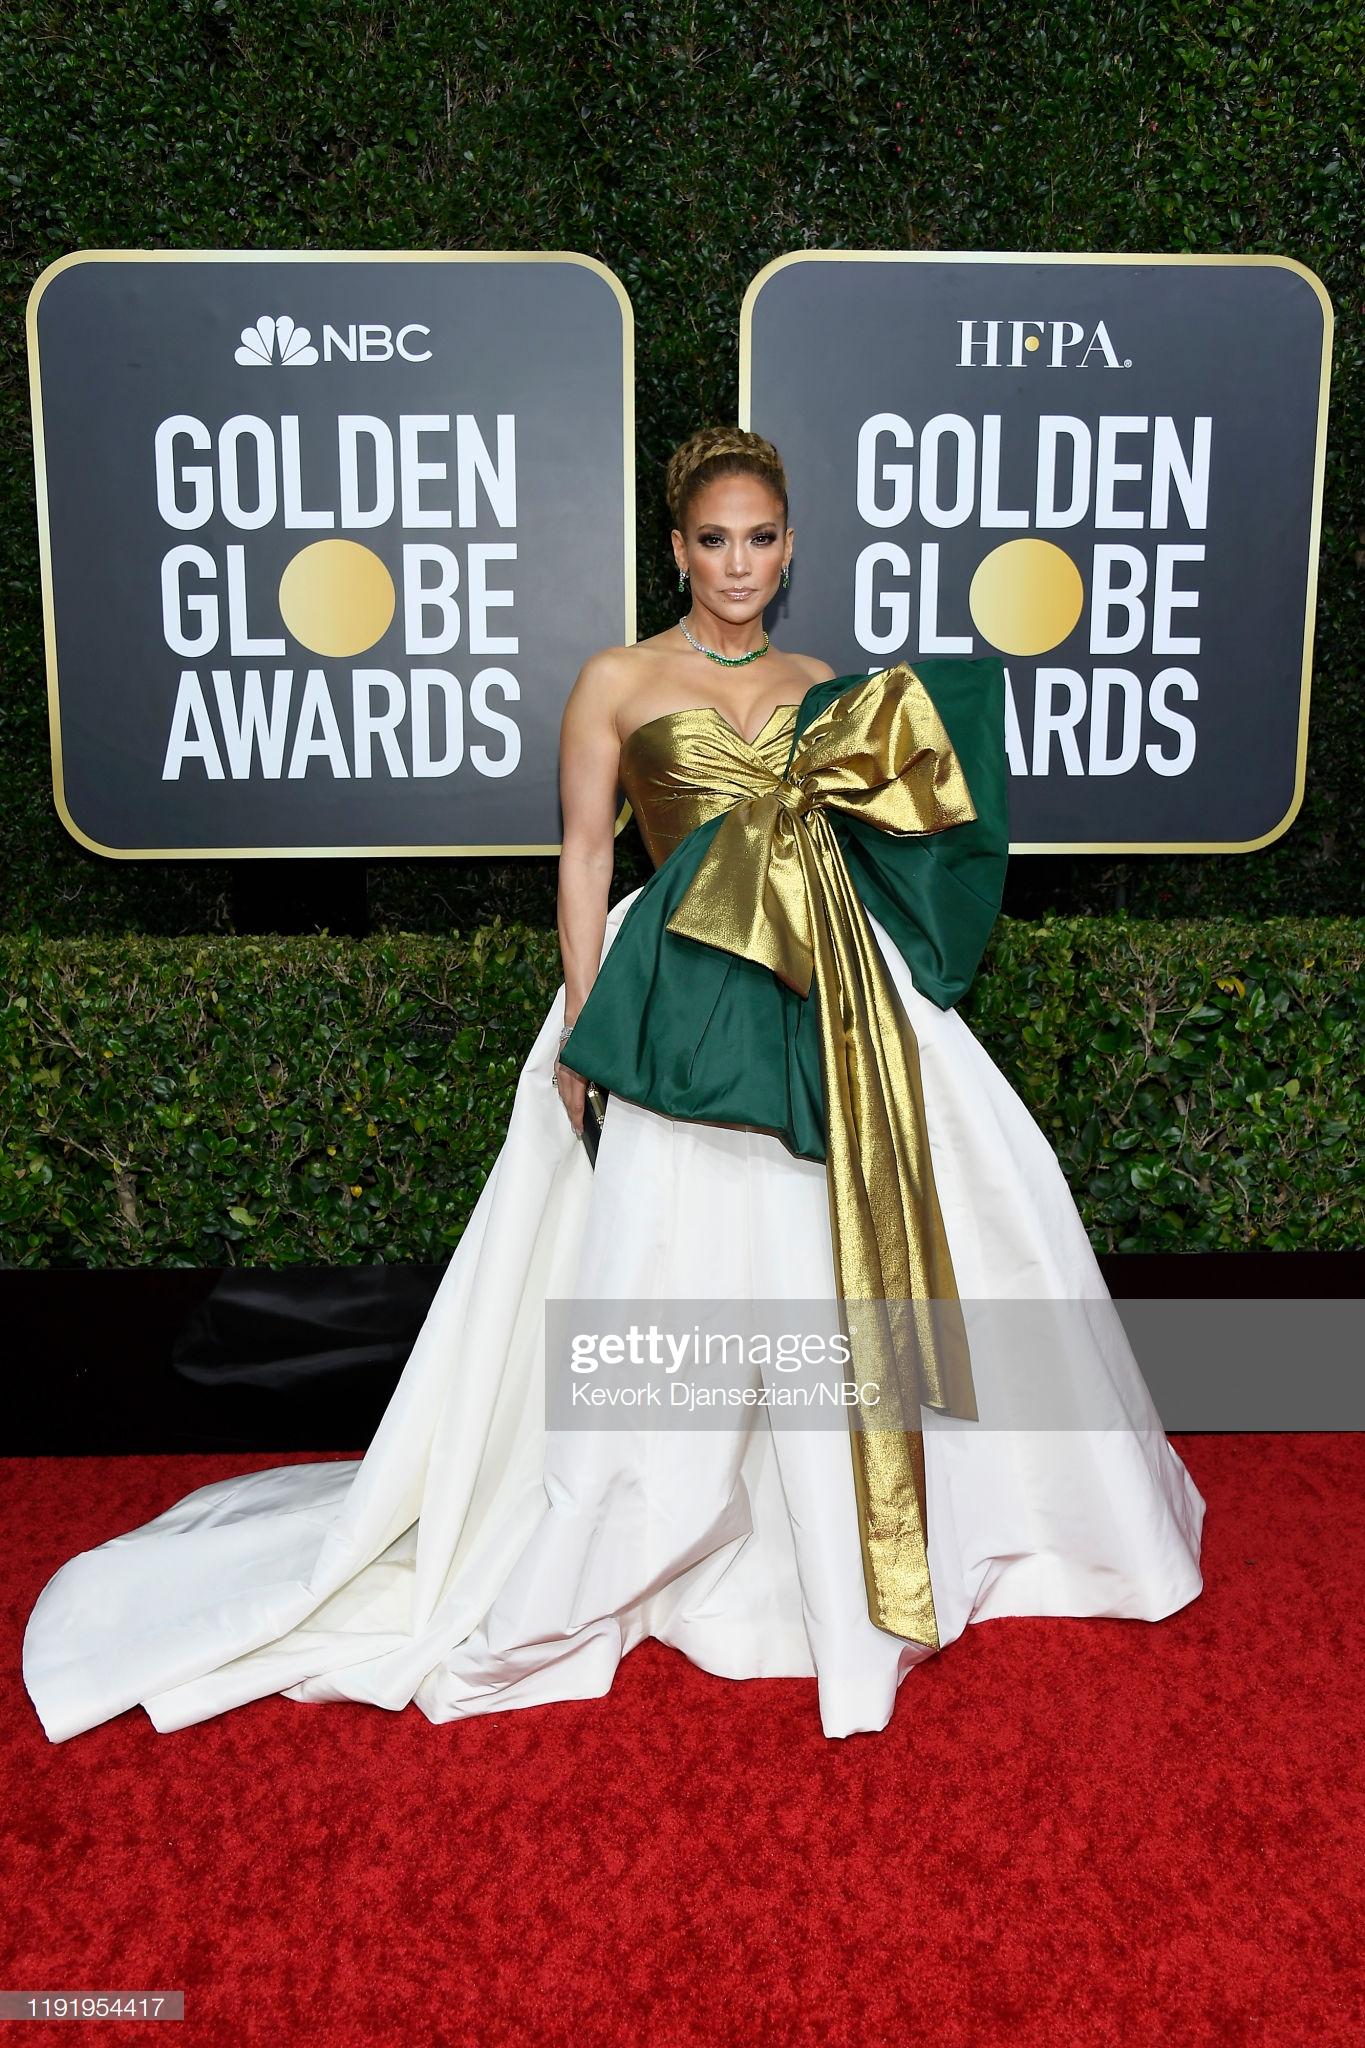 Jennifer Lopez khoe vòng 1 đầy đặn cùng thần thái sắc lạnh trên thảm đỏ. Năm nay, cô xuất sắc góp mặt trong danh sách tranh giải Nữ diễn viên phụ xuất sắc nhất cho tác phẩm Hustlers.